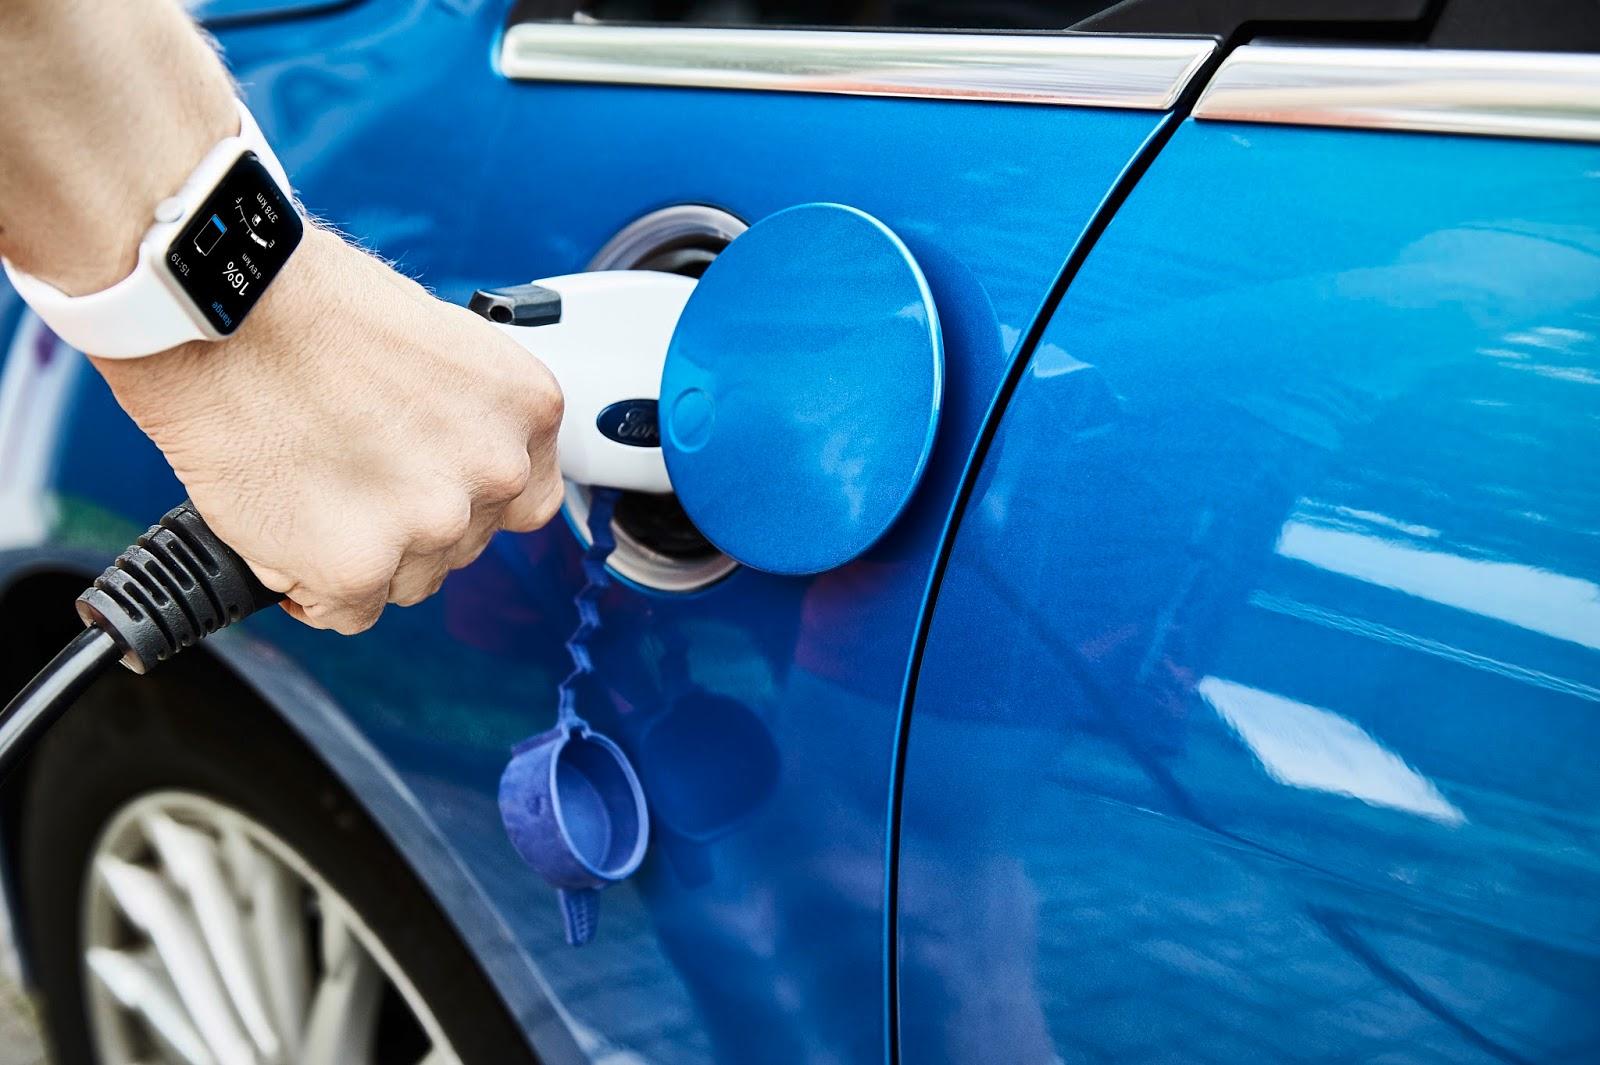 3 MyFordMobile charging Χρησιμοποιείστε το smartwatch σας για να τσεκάρετε το ηλεκτρικό σας αυτοκίνητο Ford Android Auto, Apple CarPlay, Electric cars, Ford, videos, Τεχνολογία